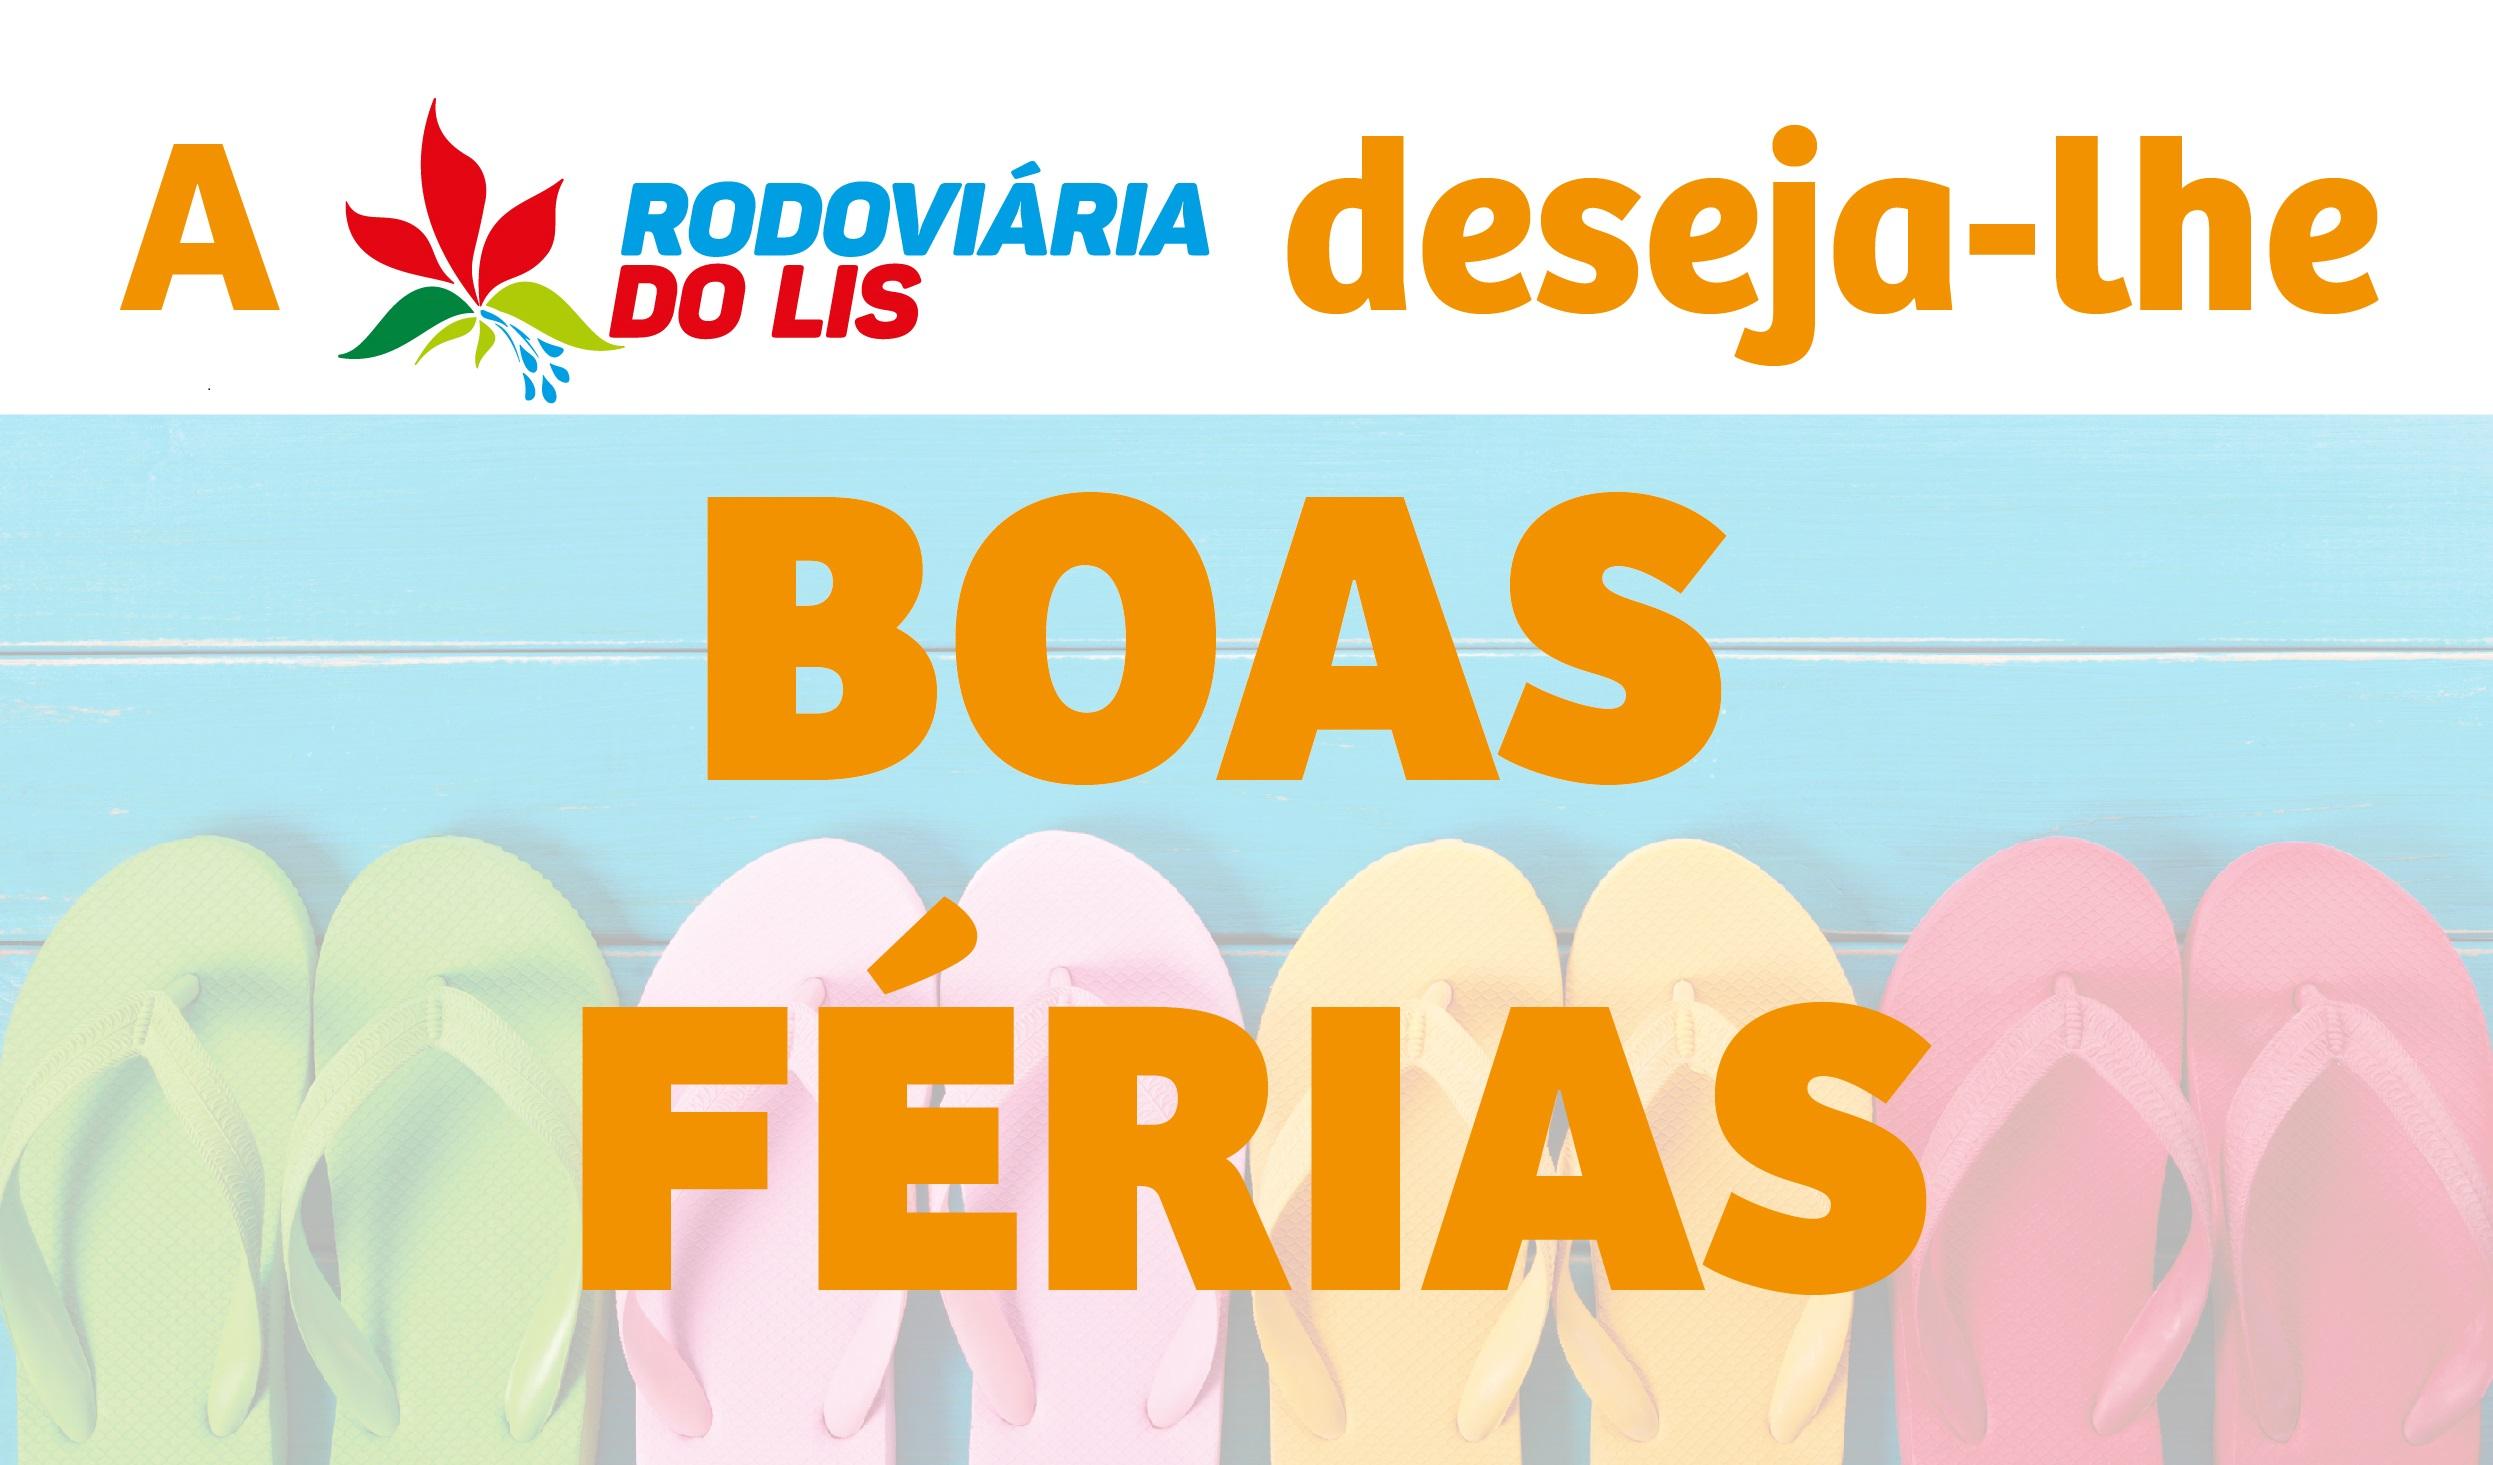 Boas_ferias2016_RDL